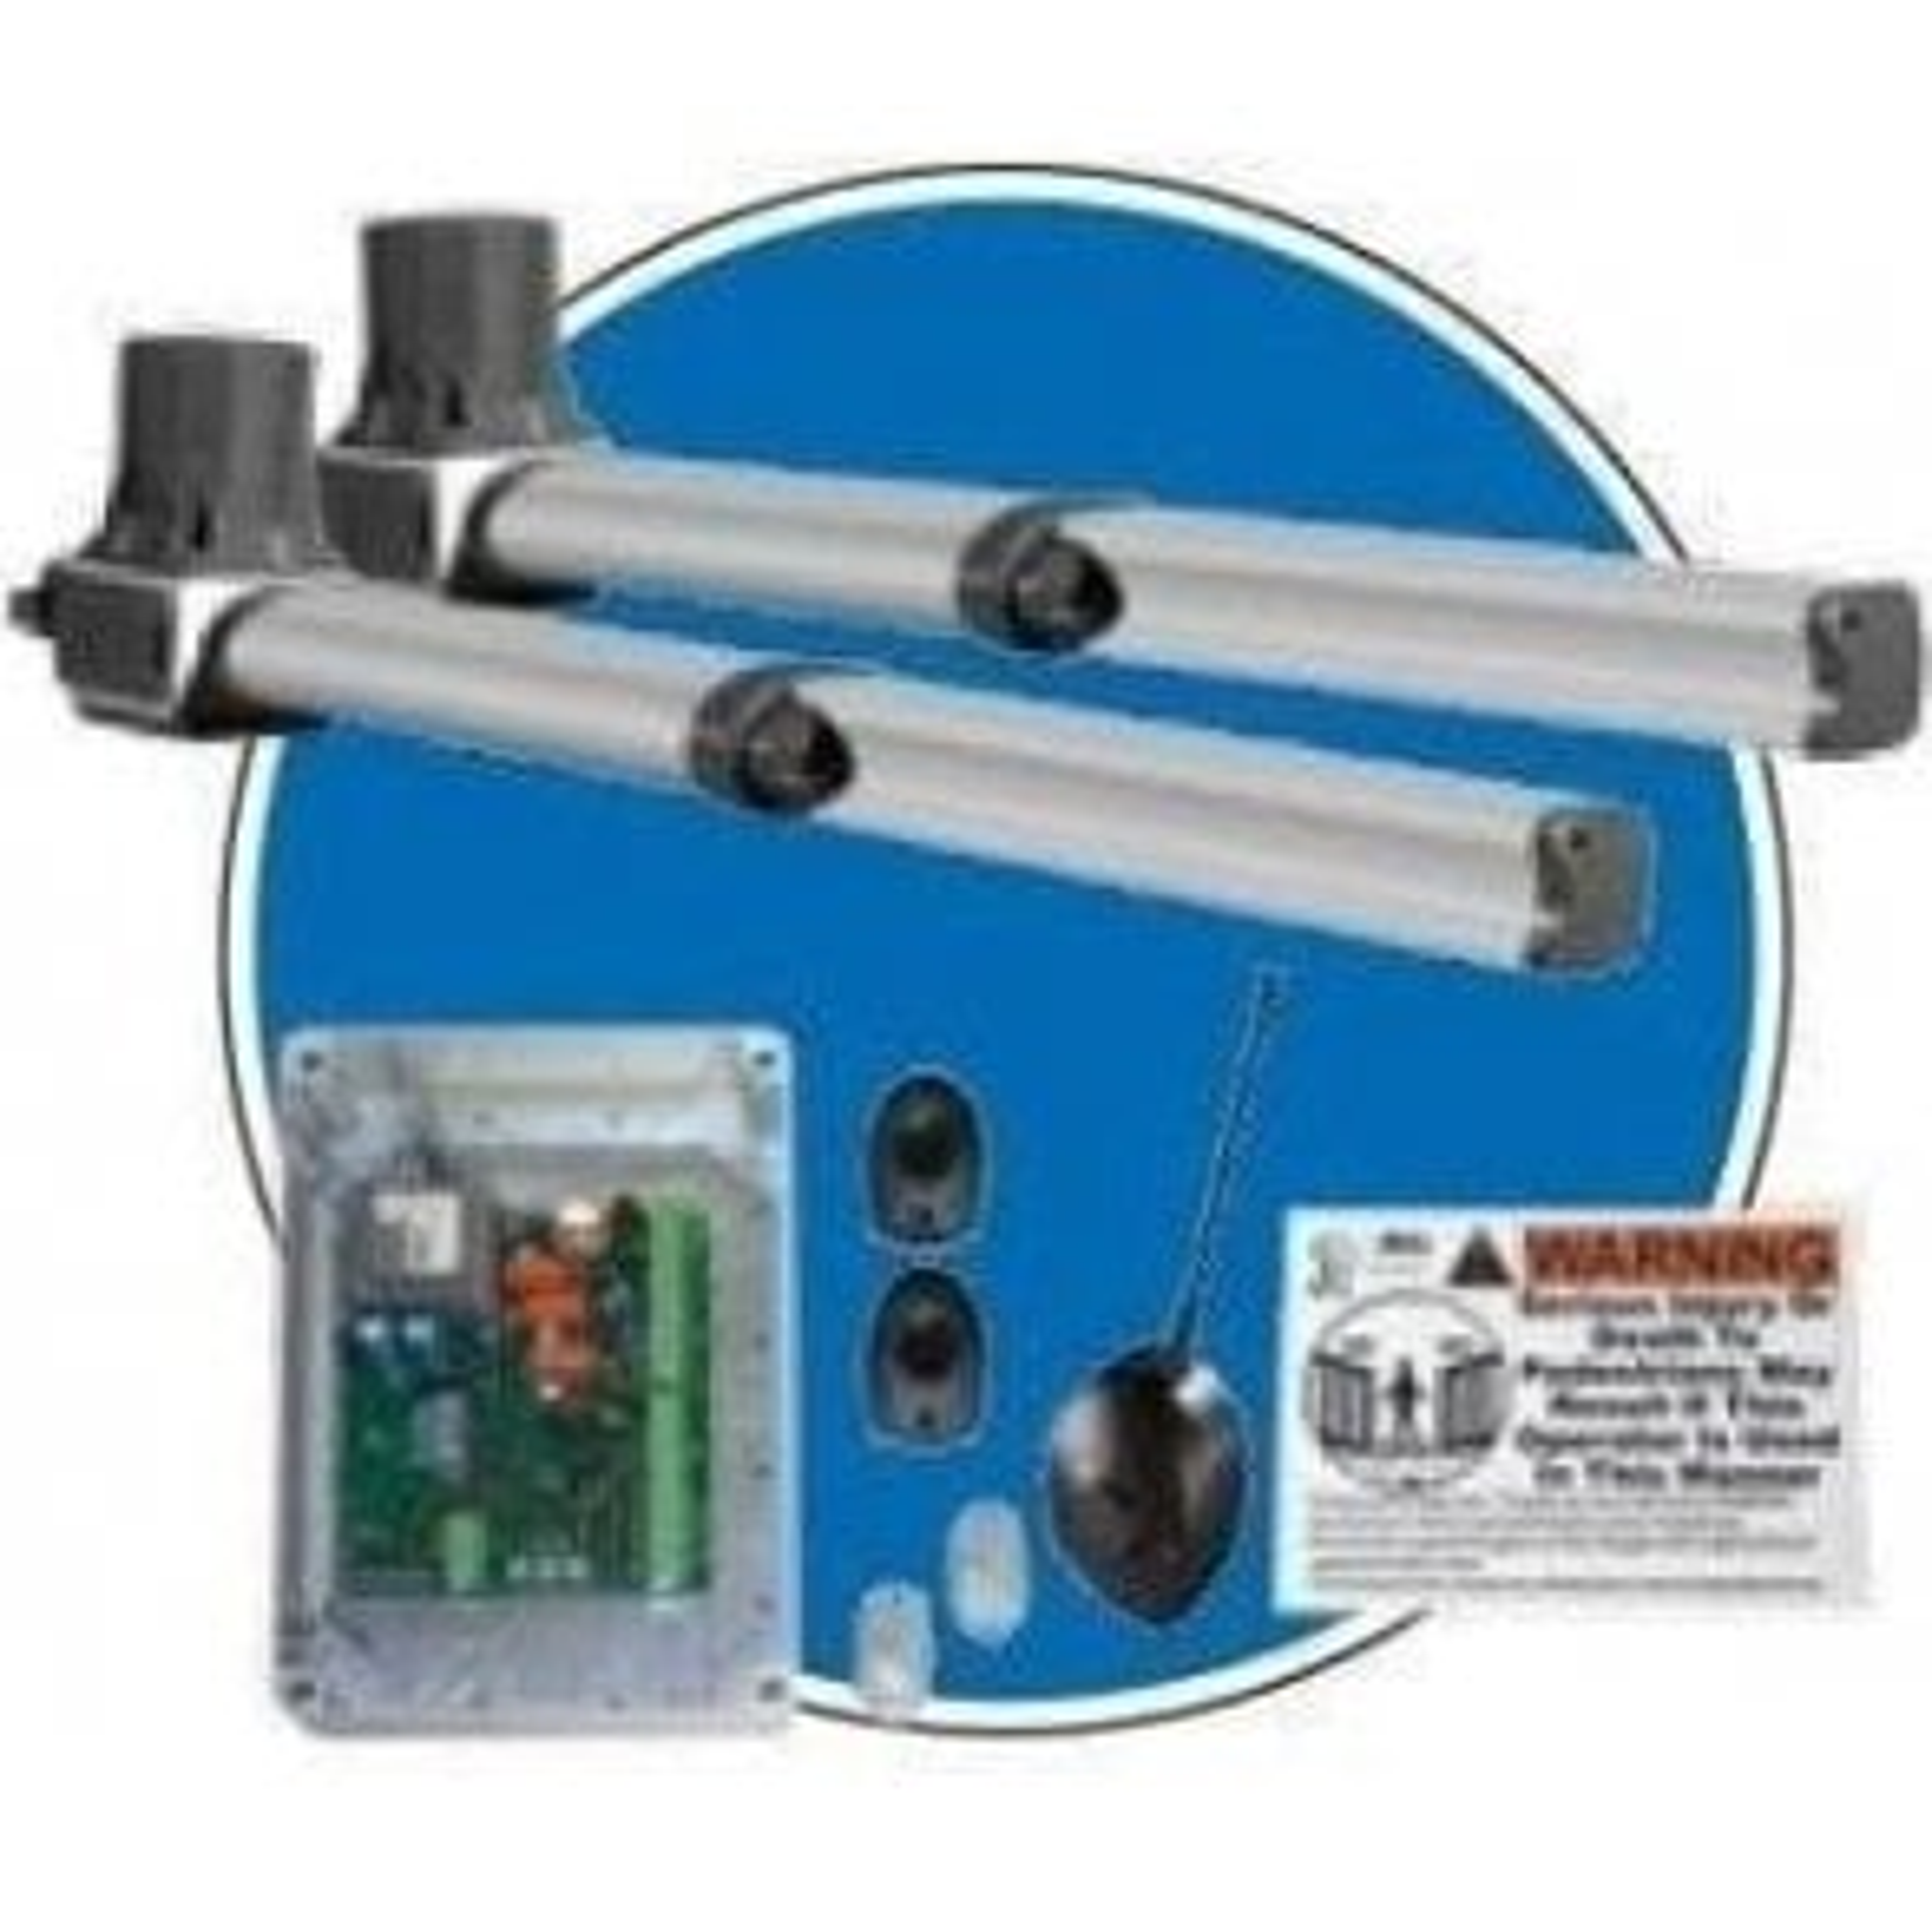 Alpha 550 UK Paired Kit User 2 DG (400mm stroke) complete kit